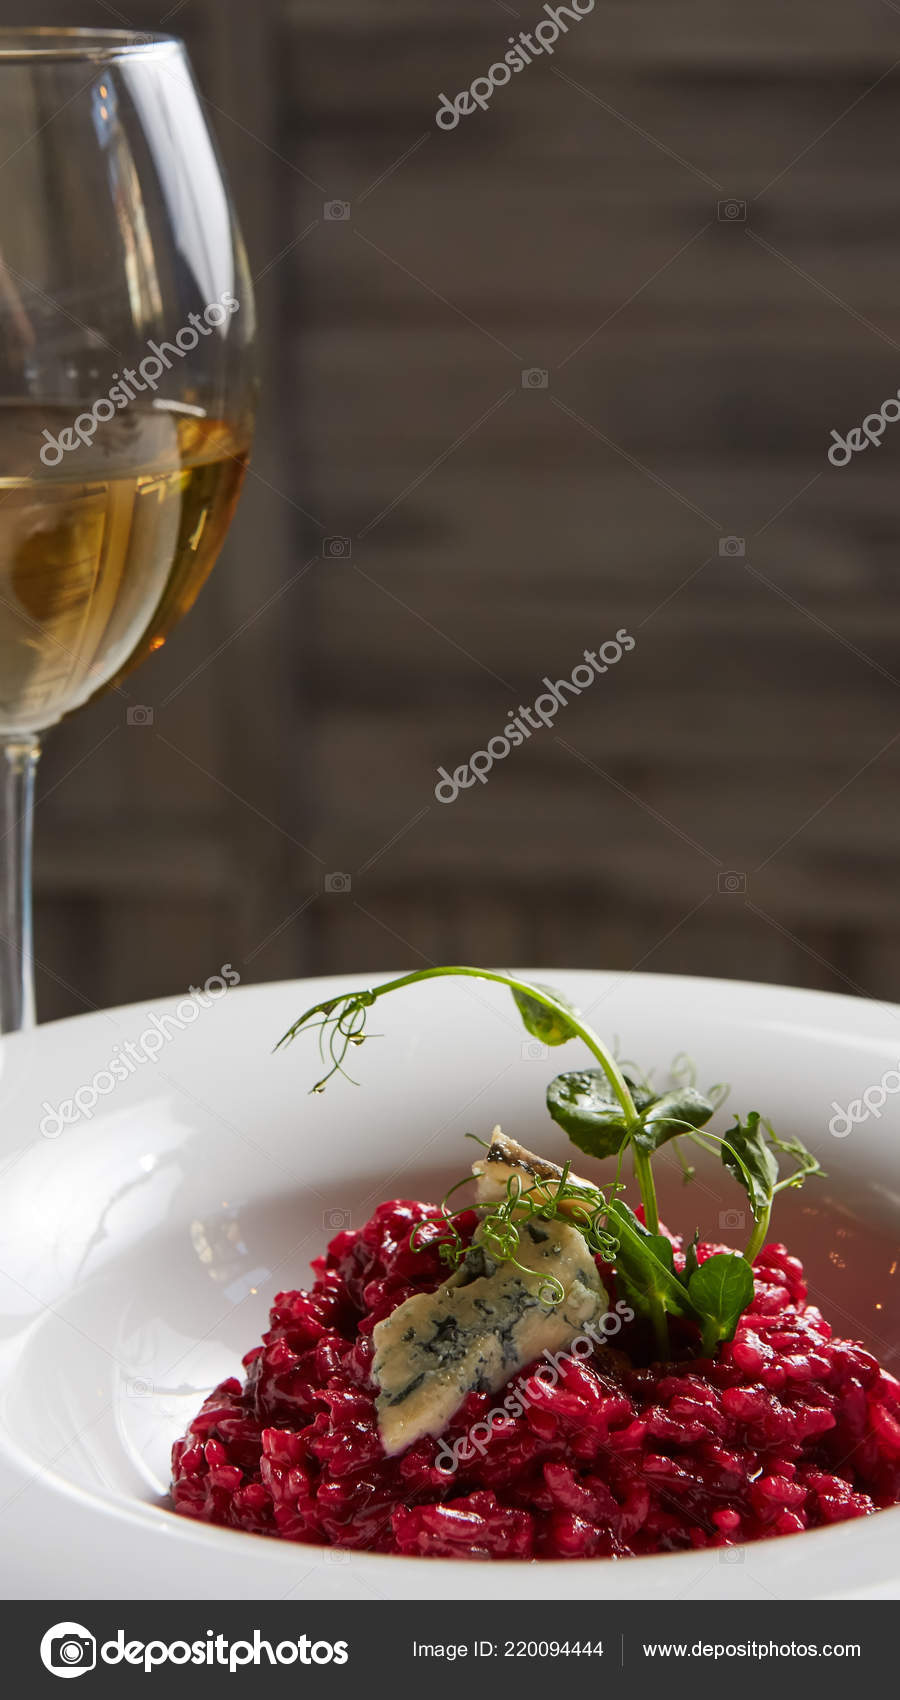 Rote Bete Risotto Mit Blauschimmelkäse Auf Einem Weißen Teller